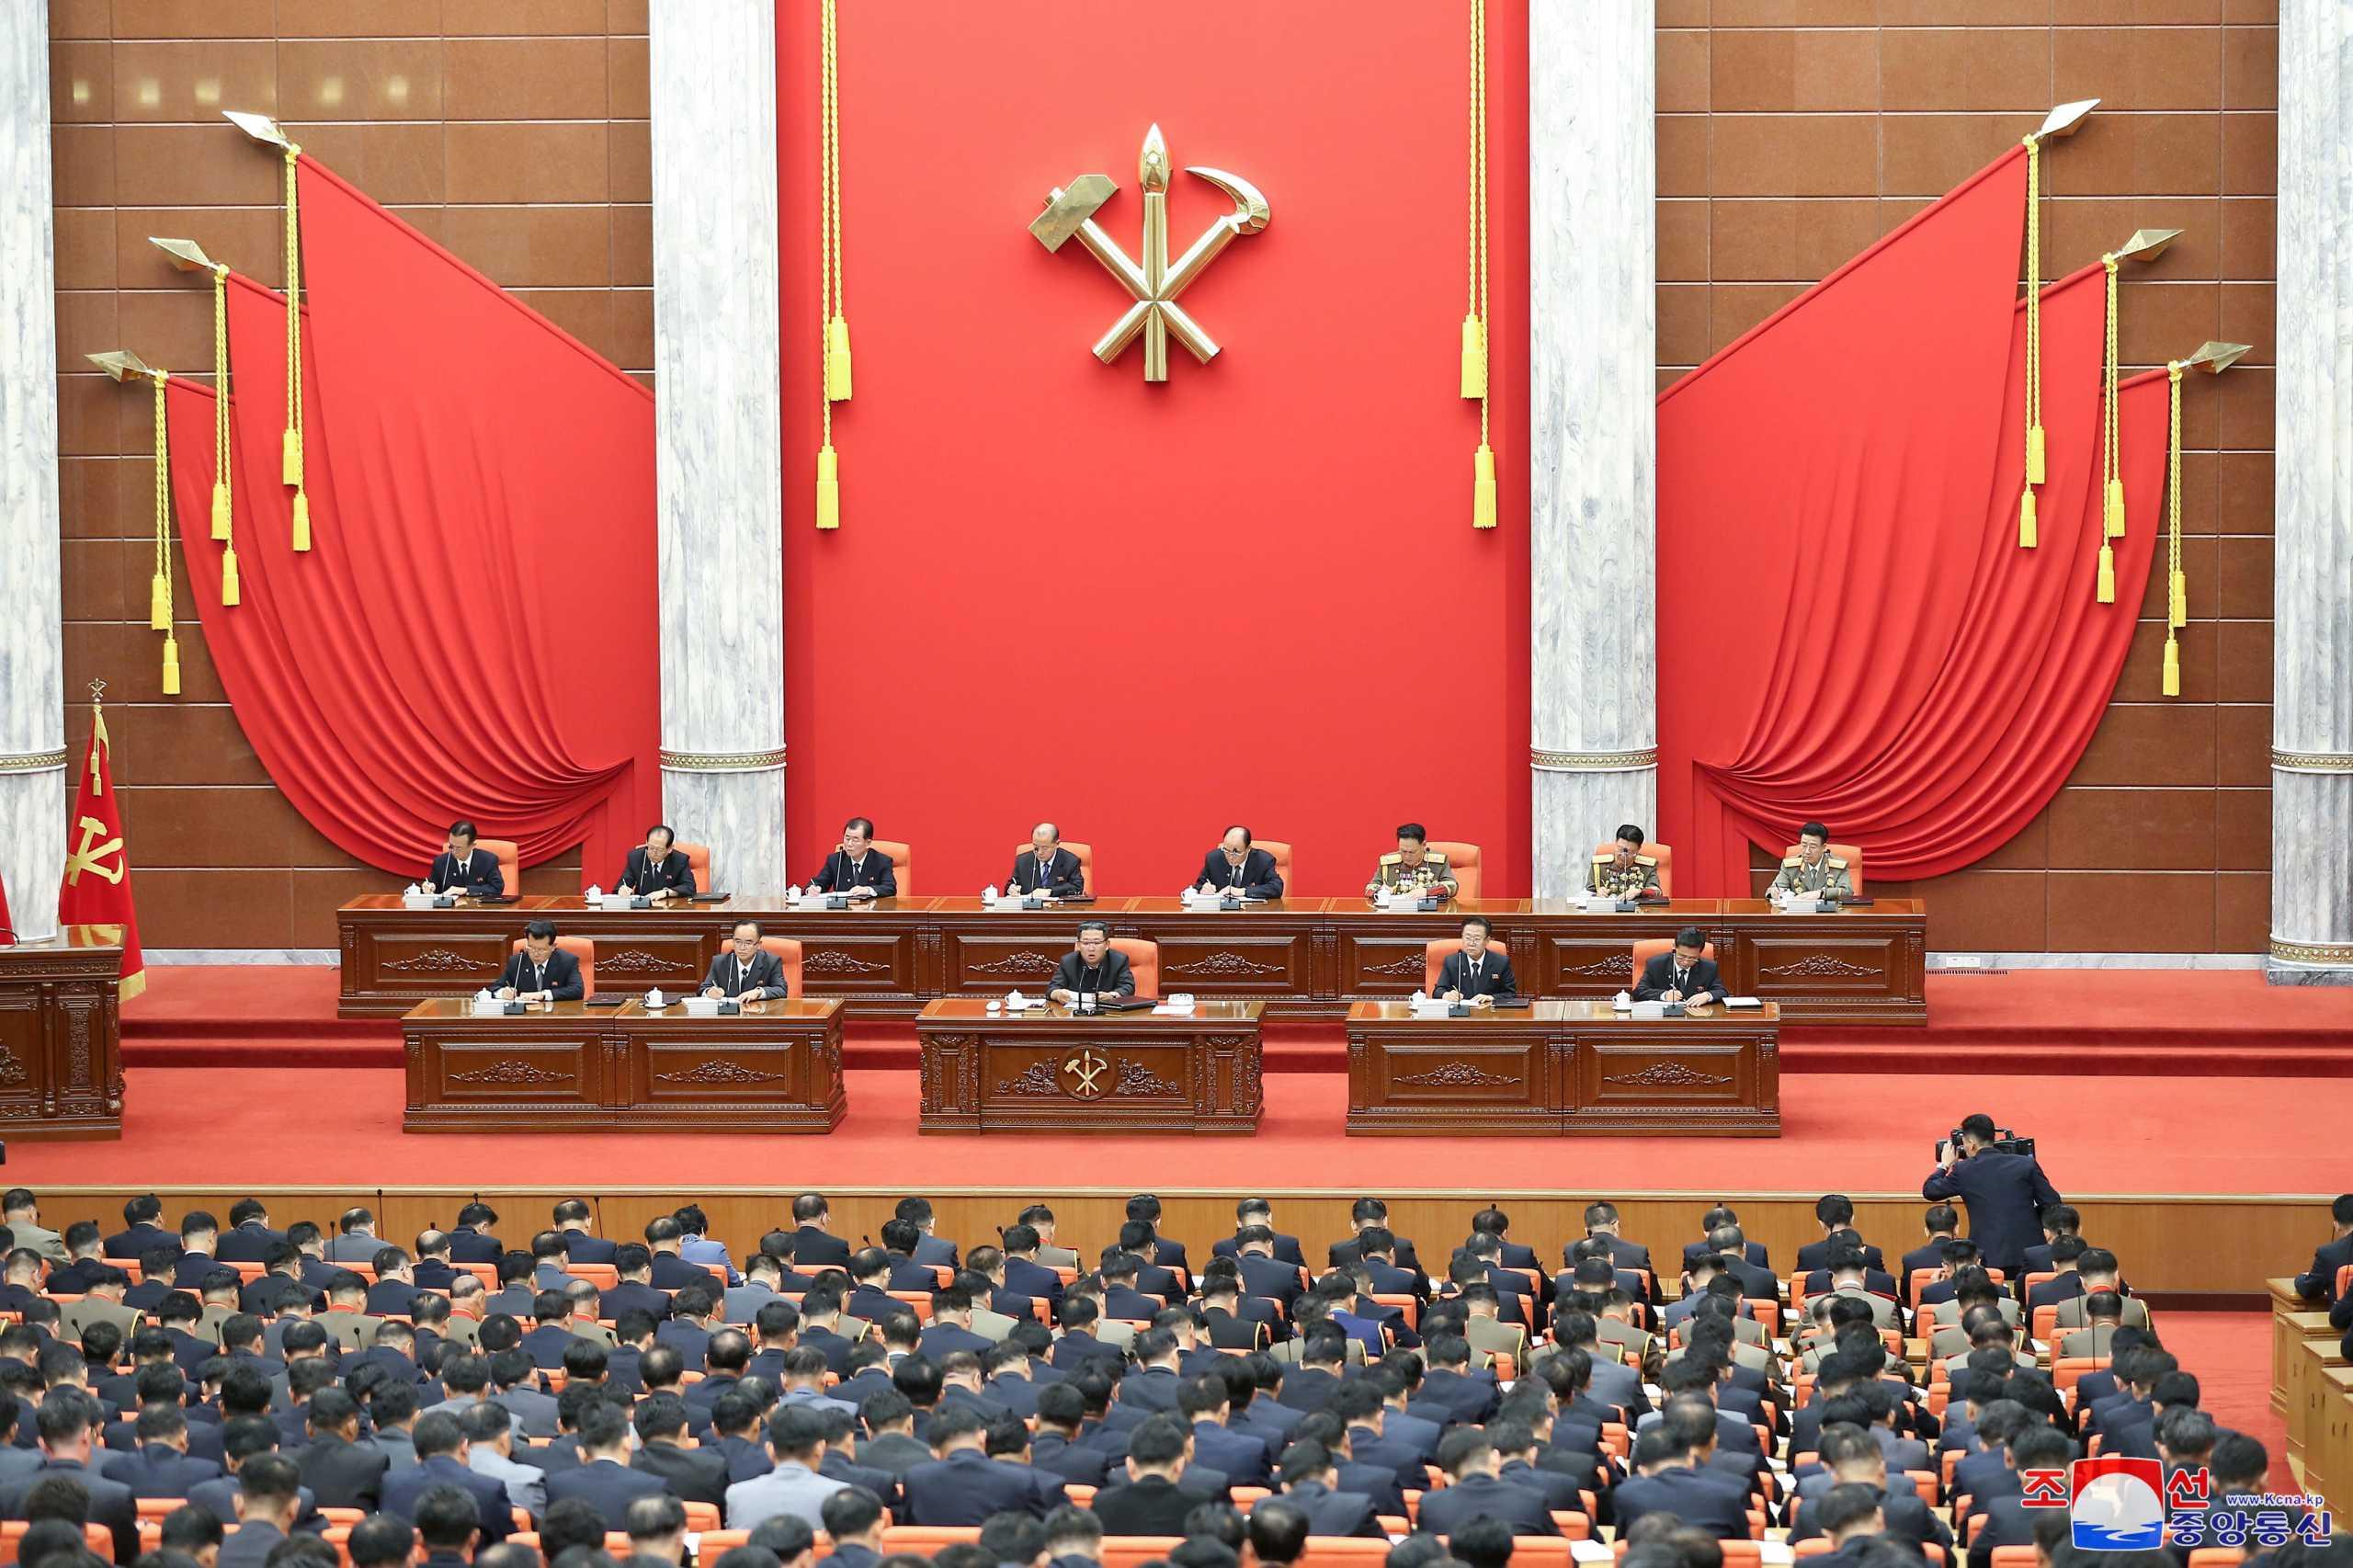 Βόρεια Κορέα: Ο Κιμ Γιονγκ Ουν έδωσε προαγωγή σε στρατηγό που είχε υποβιβάσει